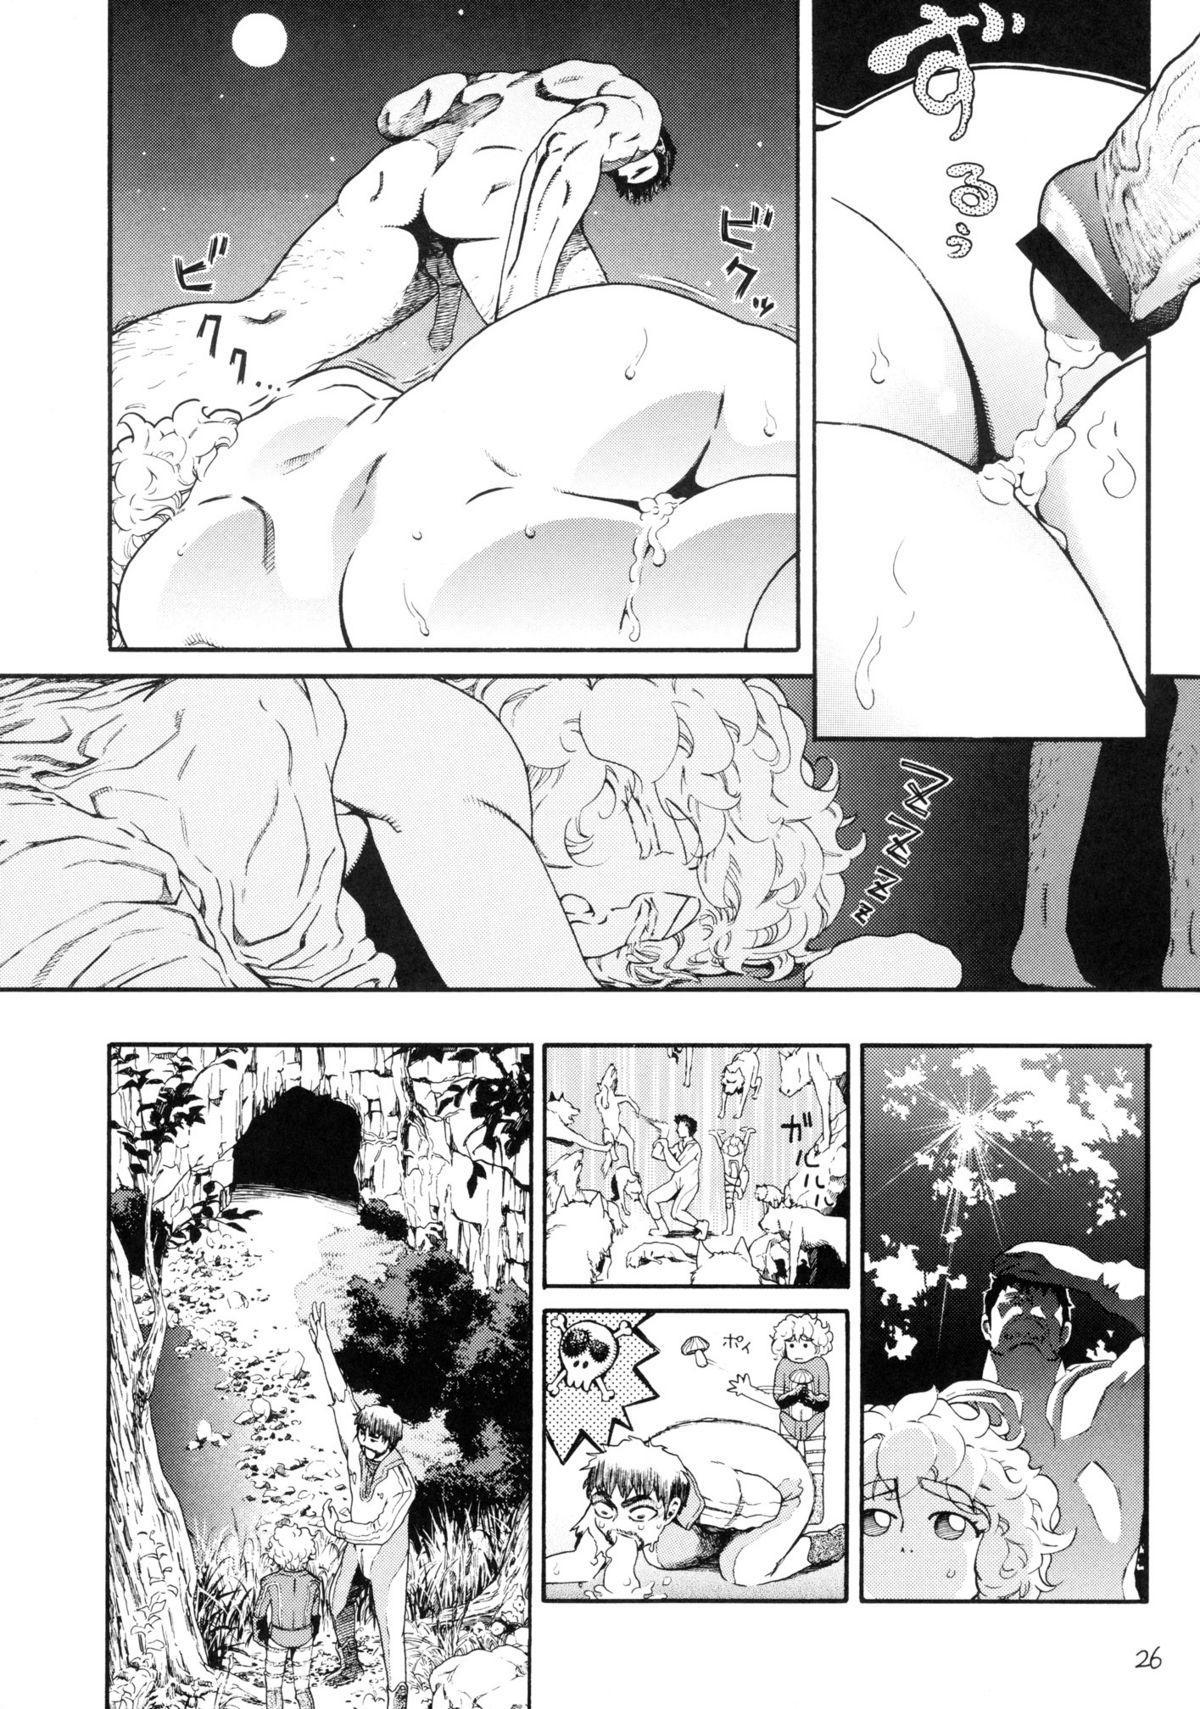 Hatch & Zukki no Sekai Meisaku Gekijou 5 25